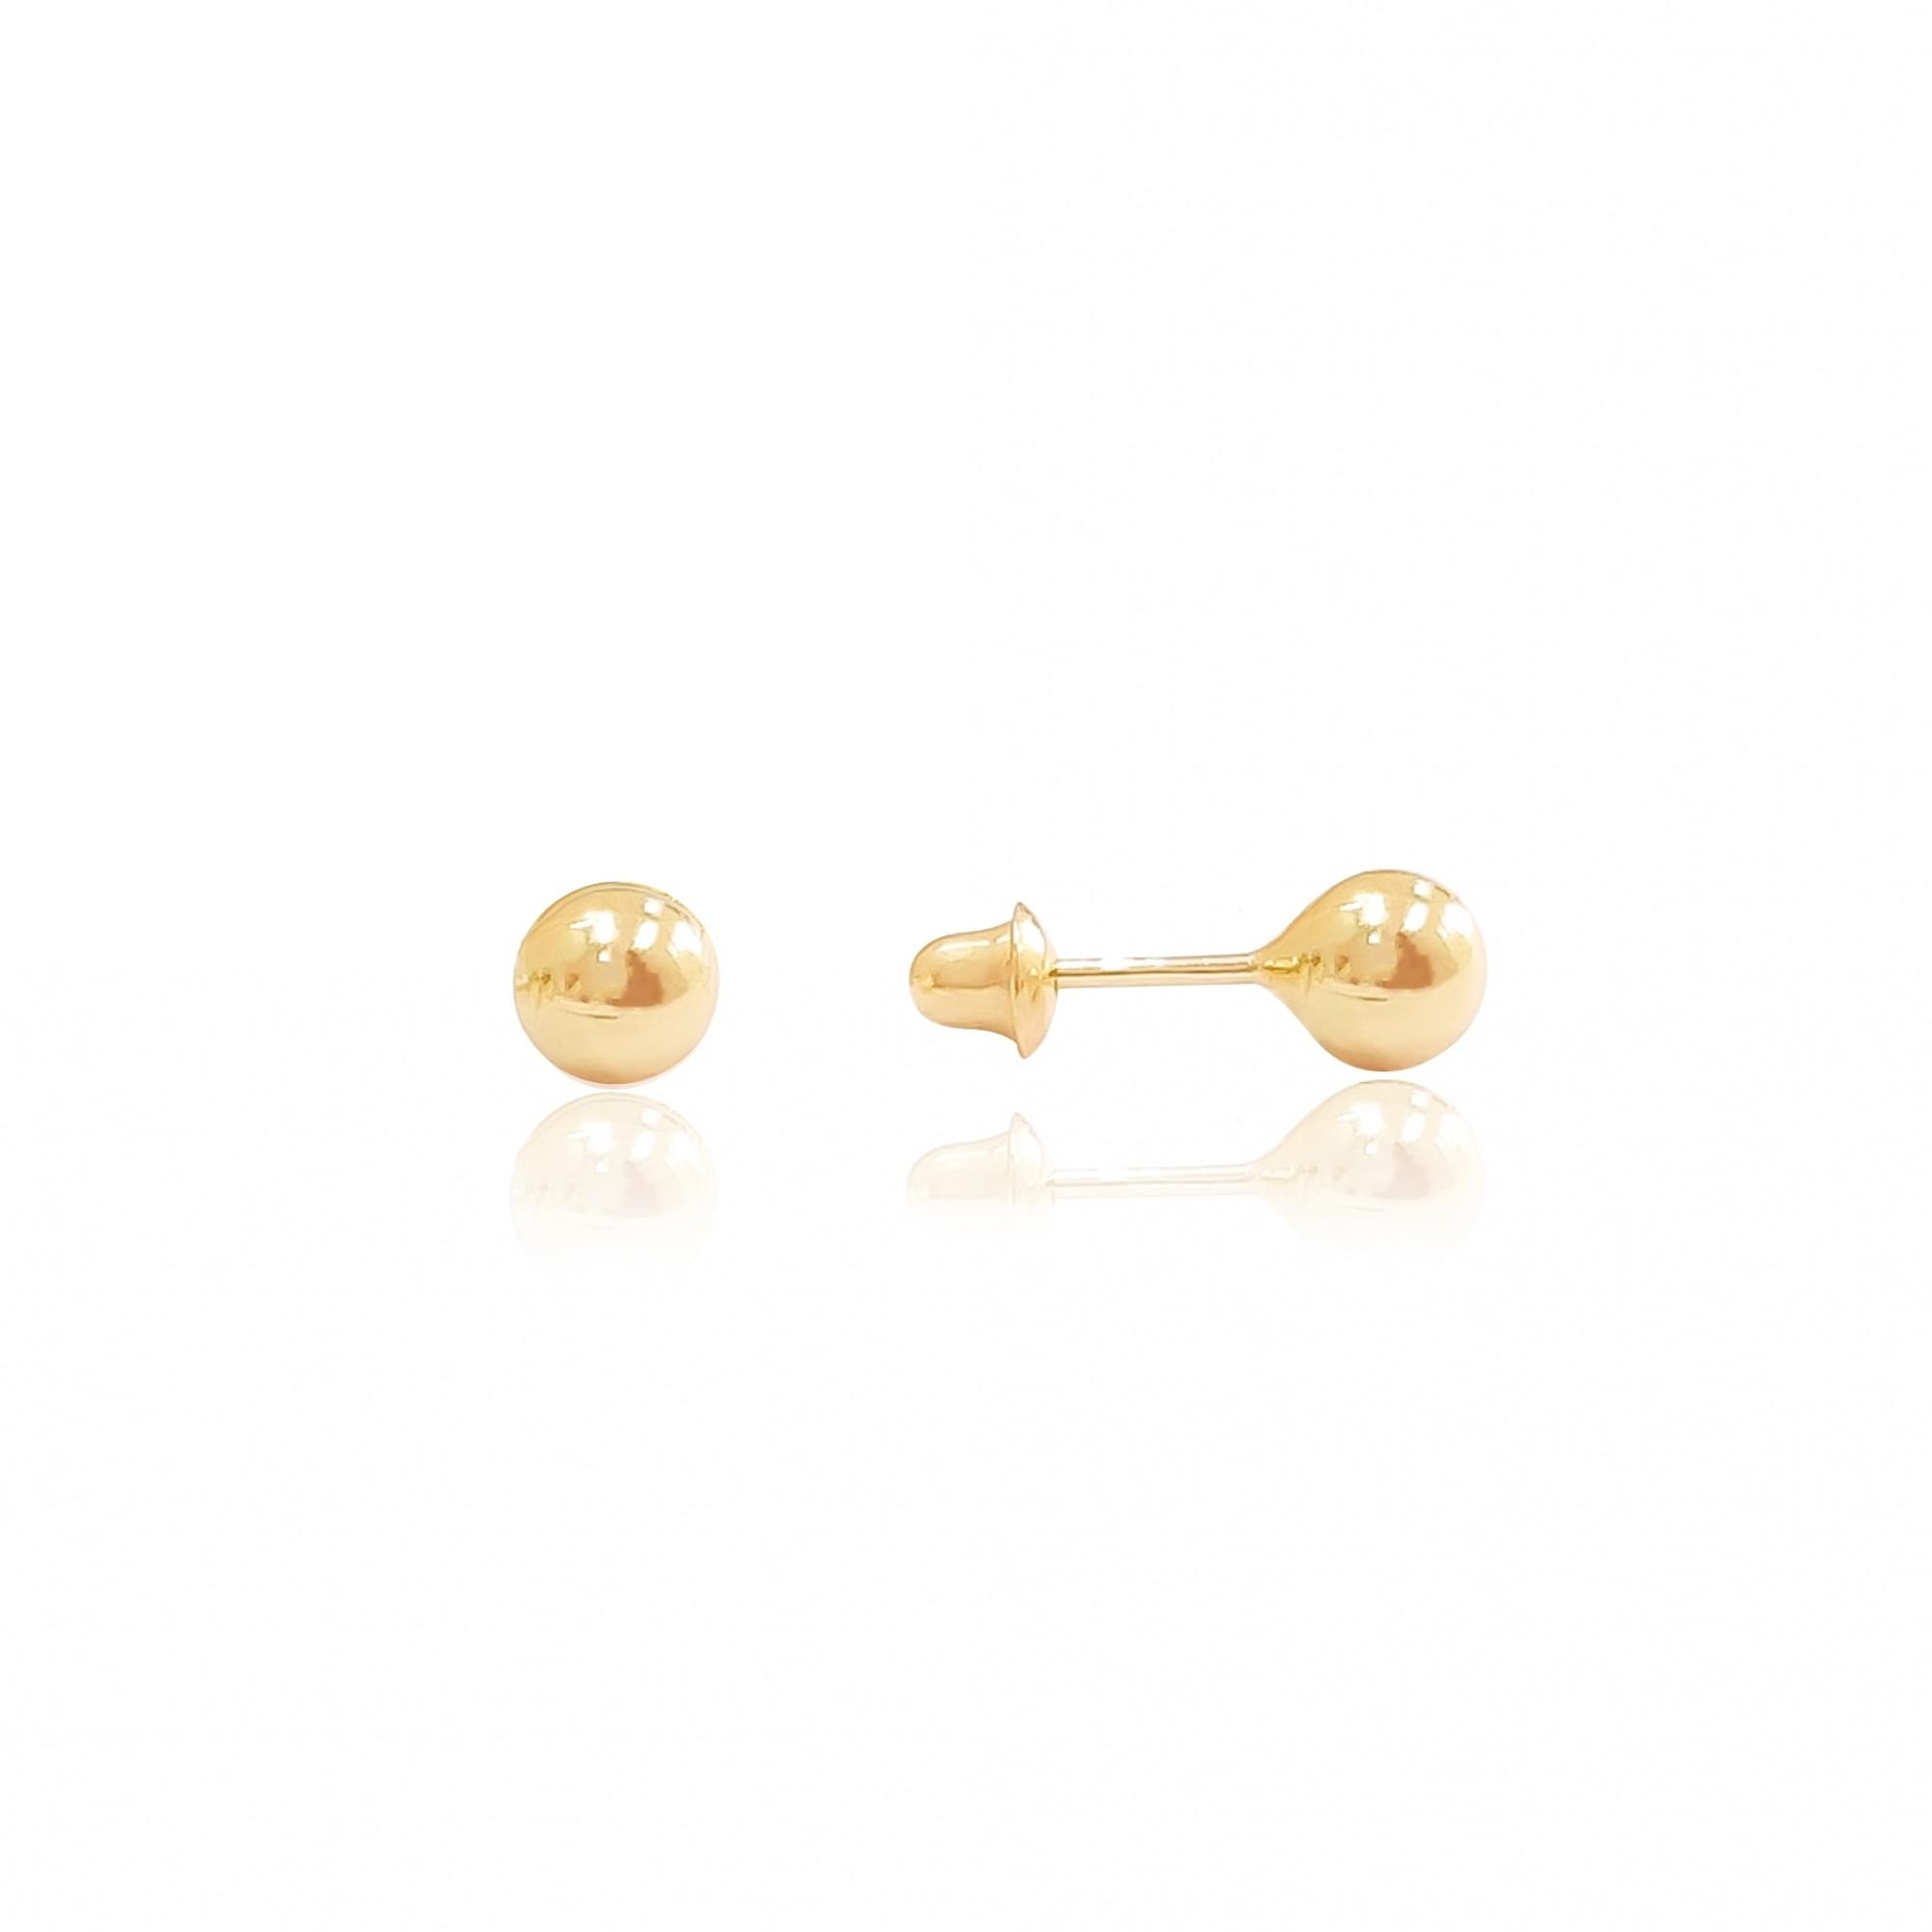 Brincos de Bolinha 4mm em Ouro 18K 750 Infantil Baby